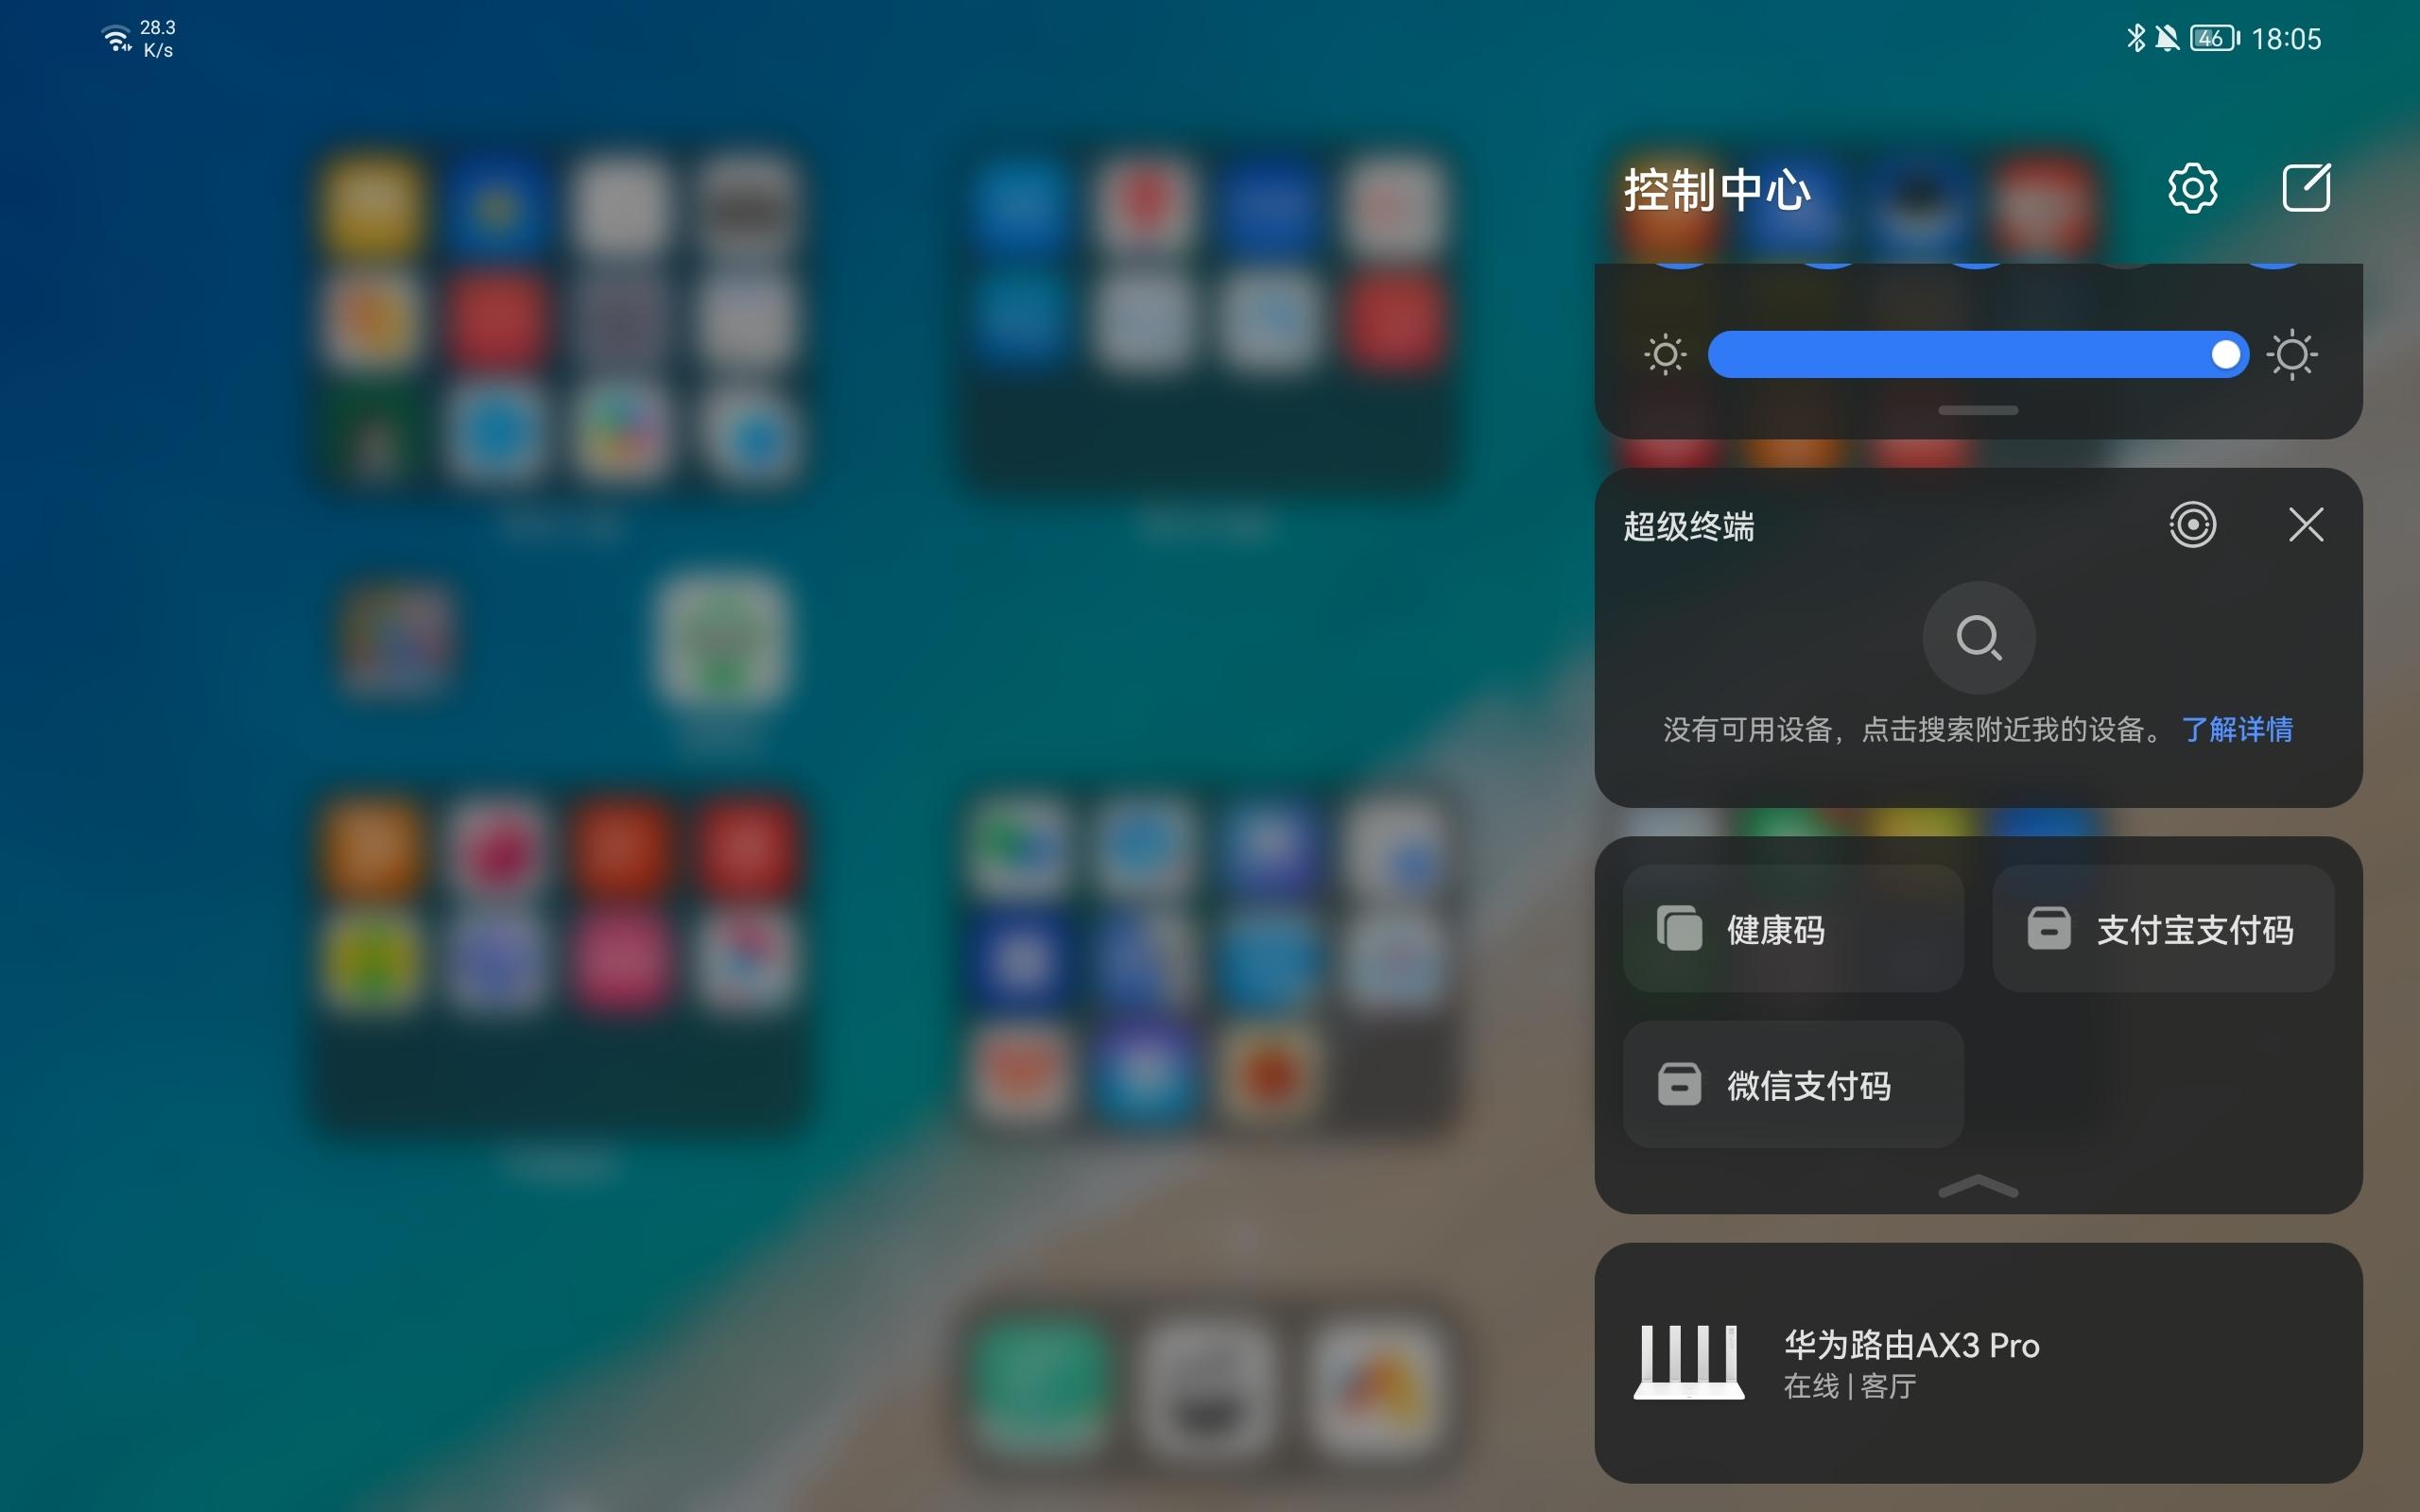 Screenshot_20210827_180526_com.huawei.android.launcher.jpg